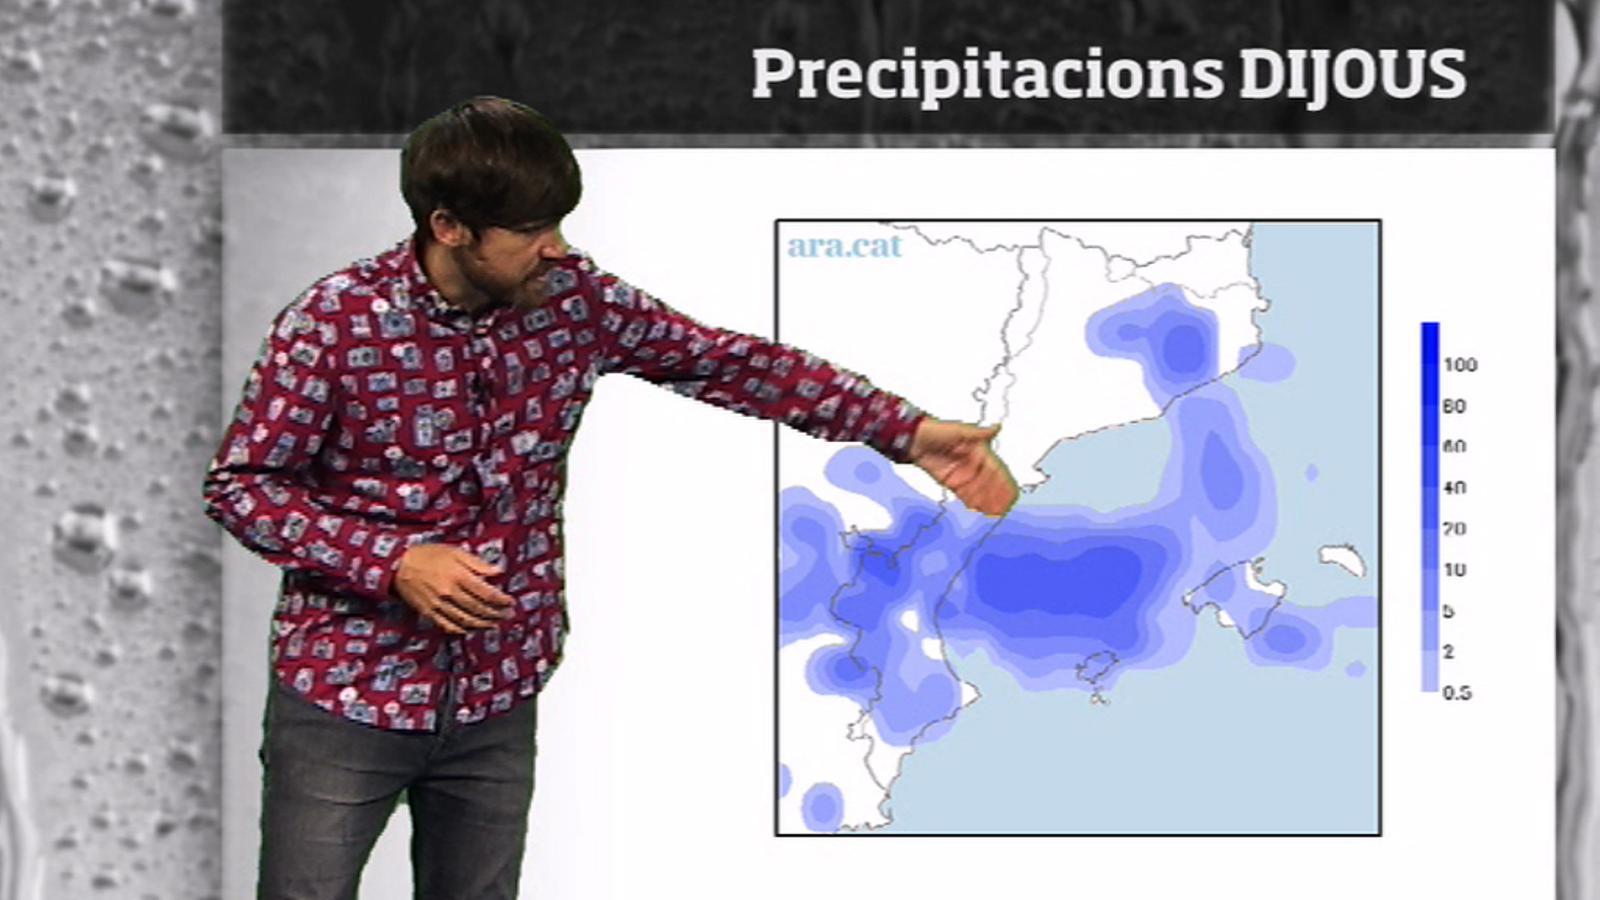 Méteo especial: més tempestes i la tardor a l'horitzó